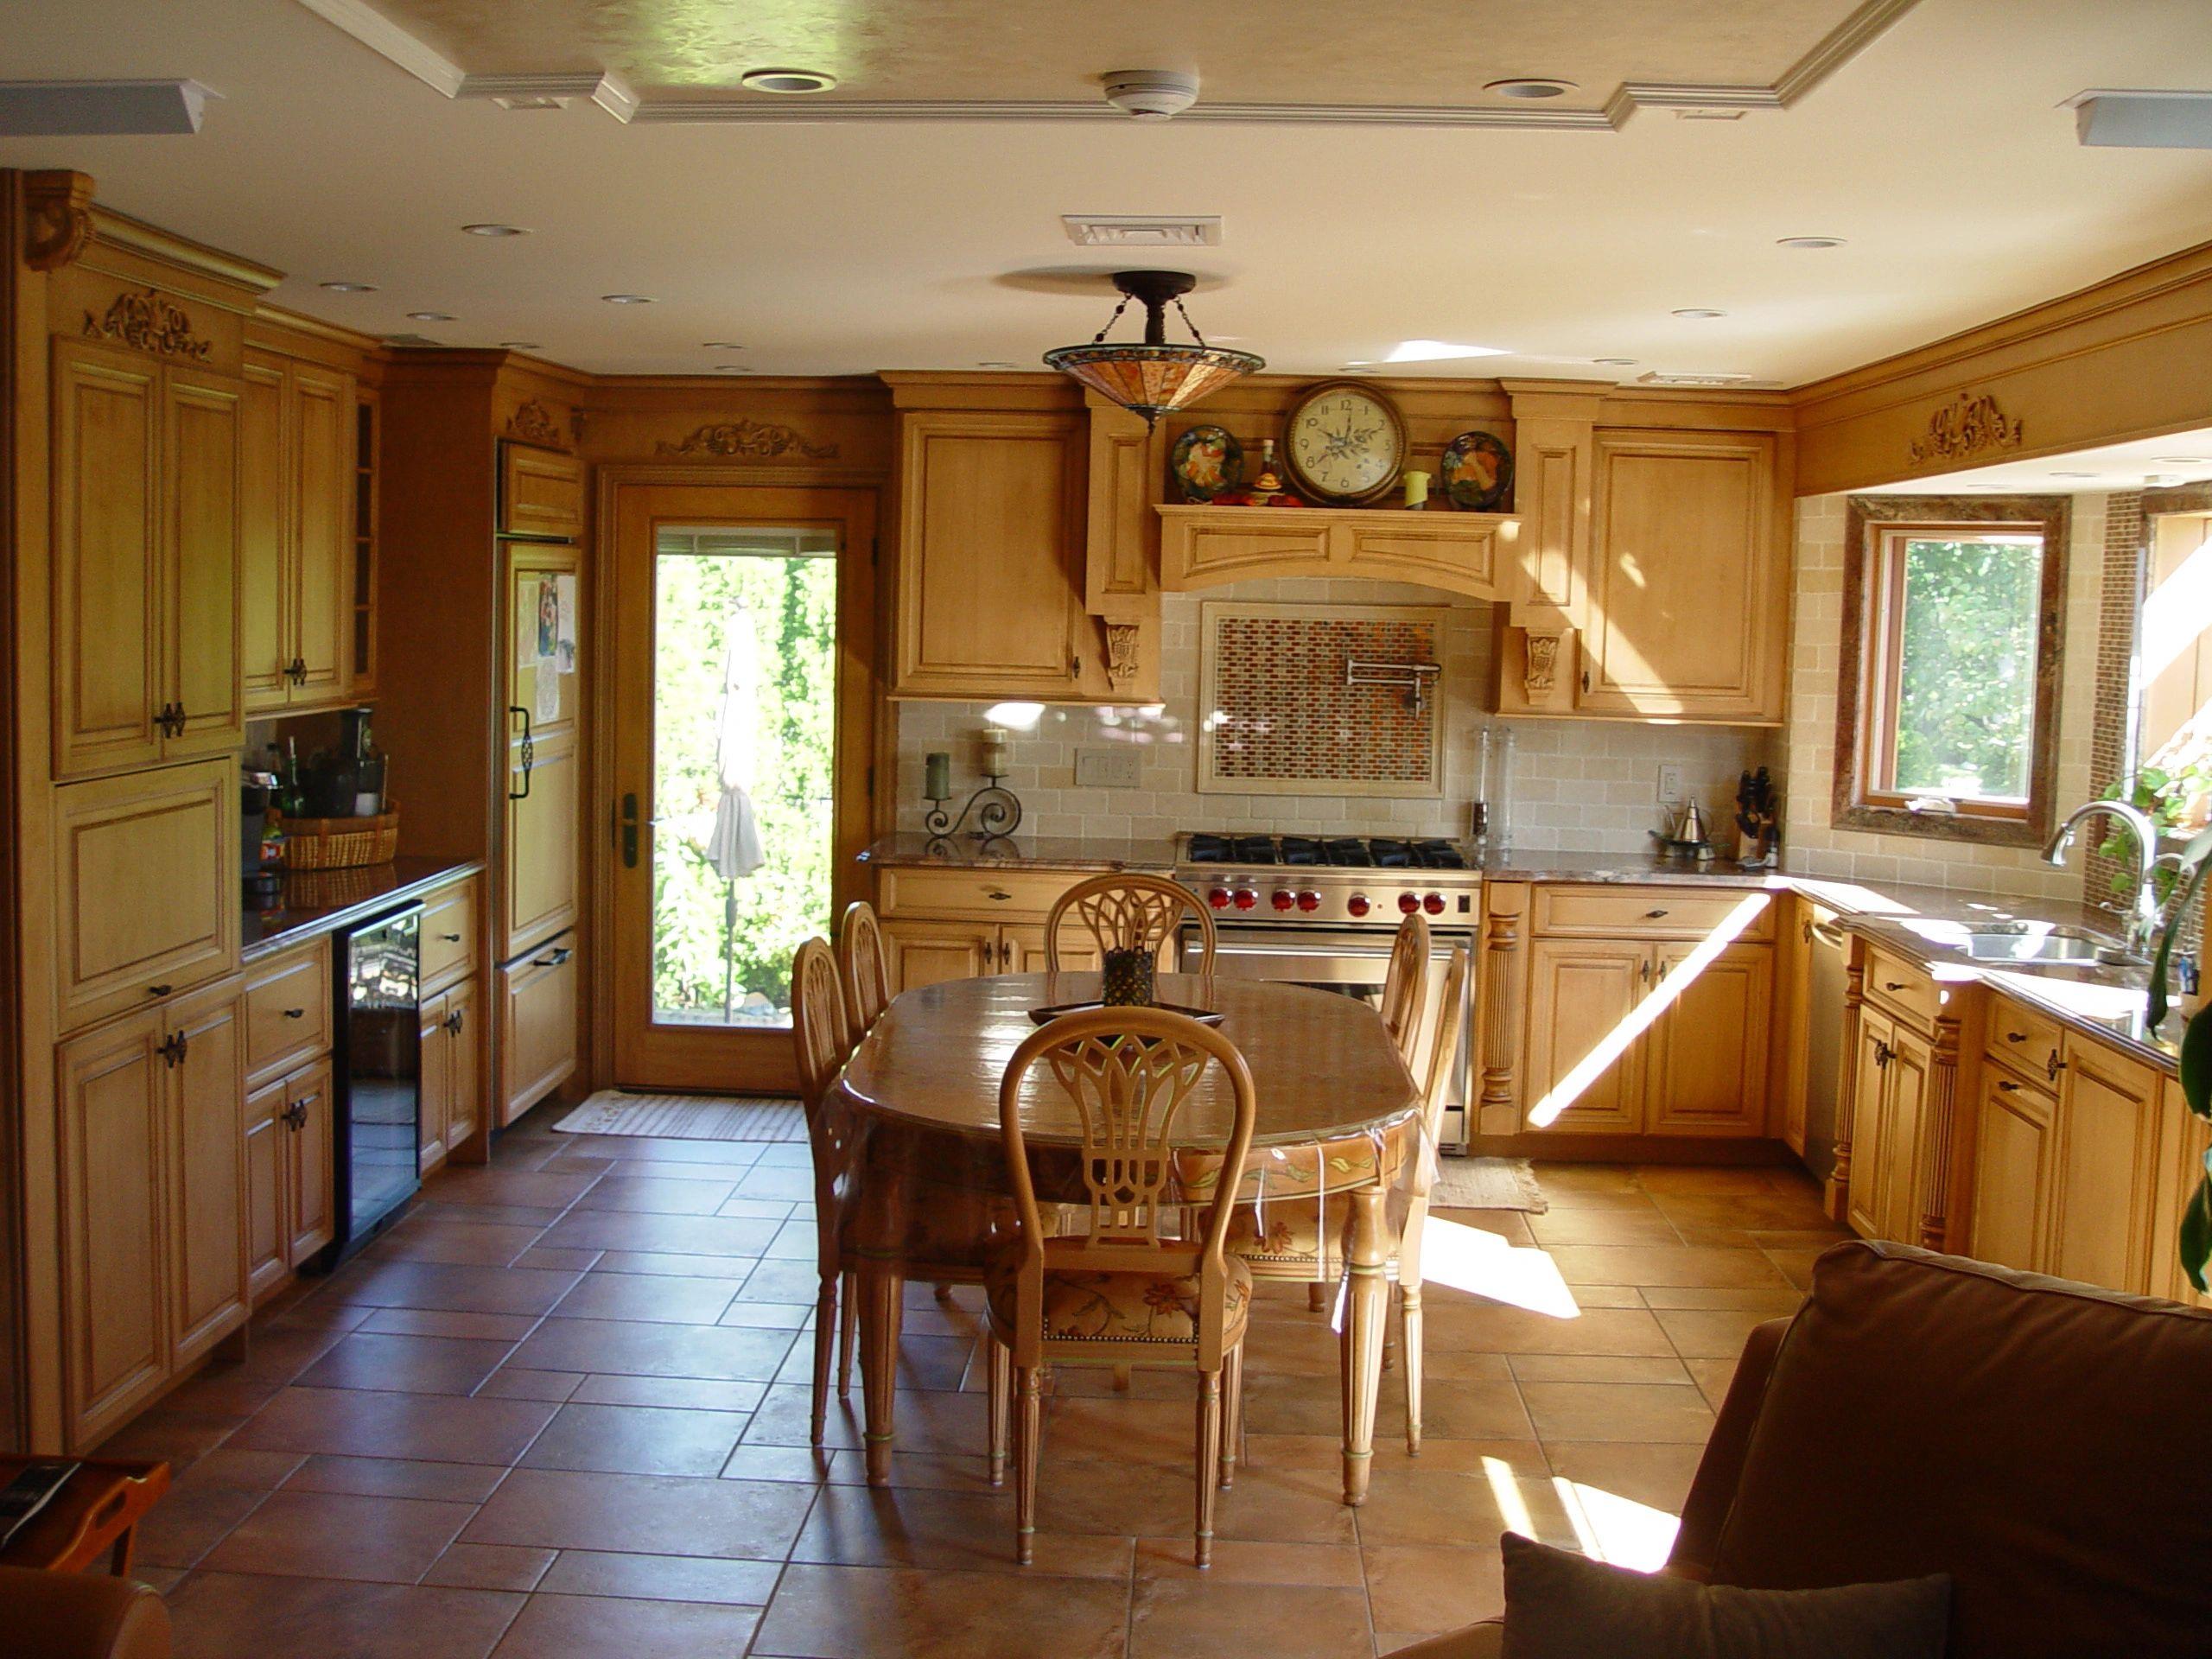 Kitchens N Things